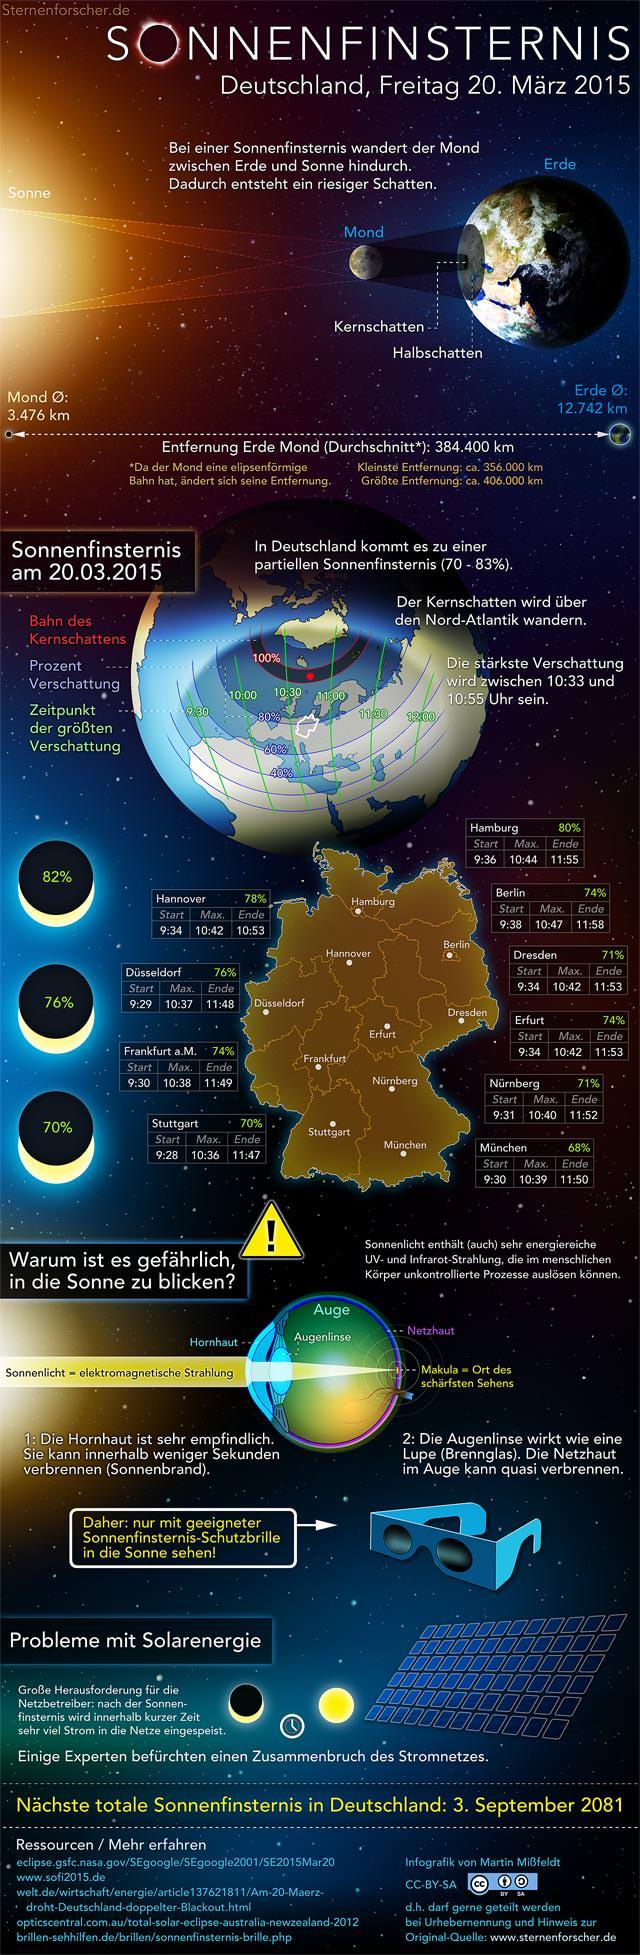 Infografik zur Sonnenfinsternis